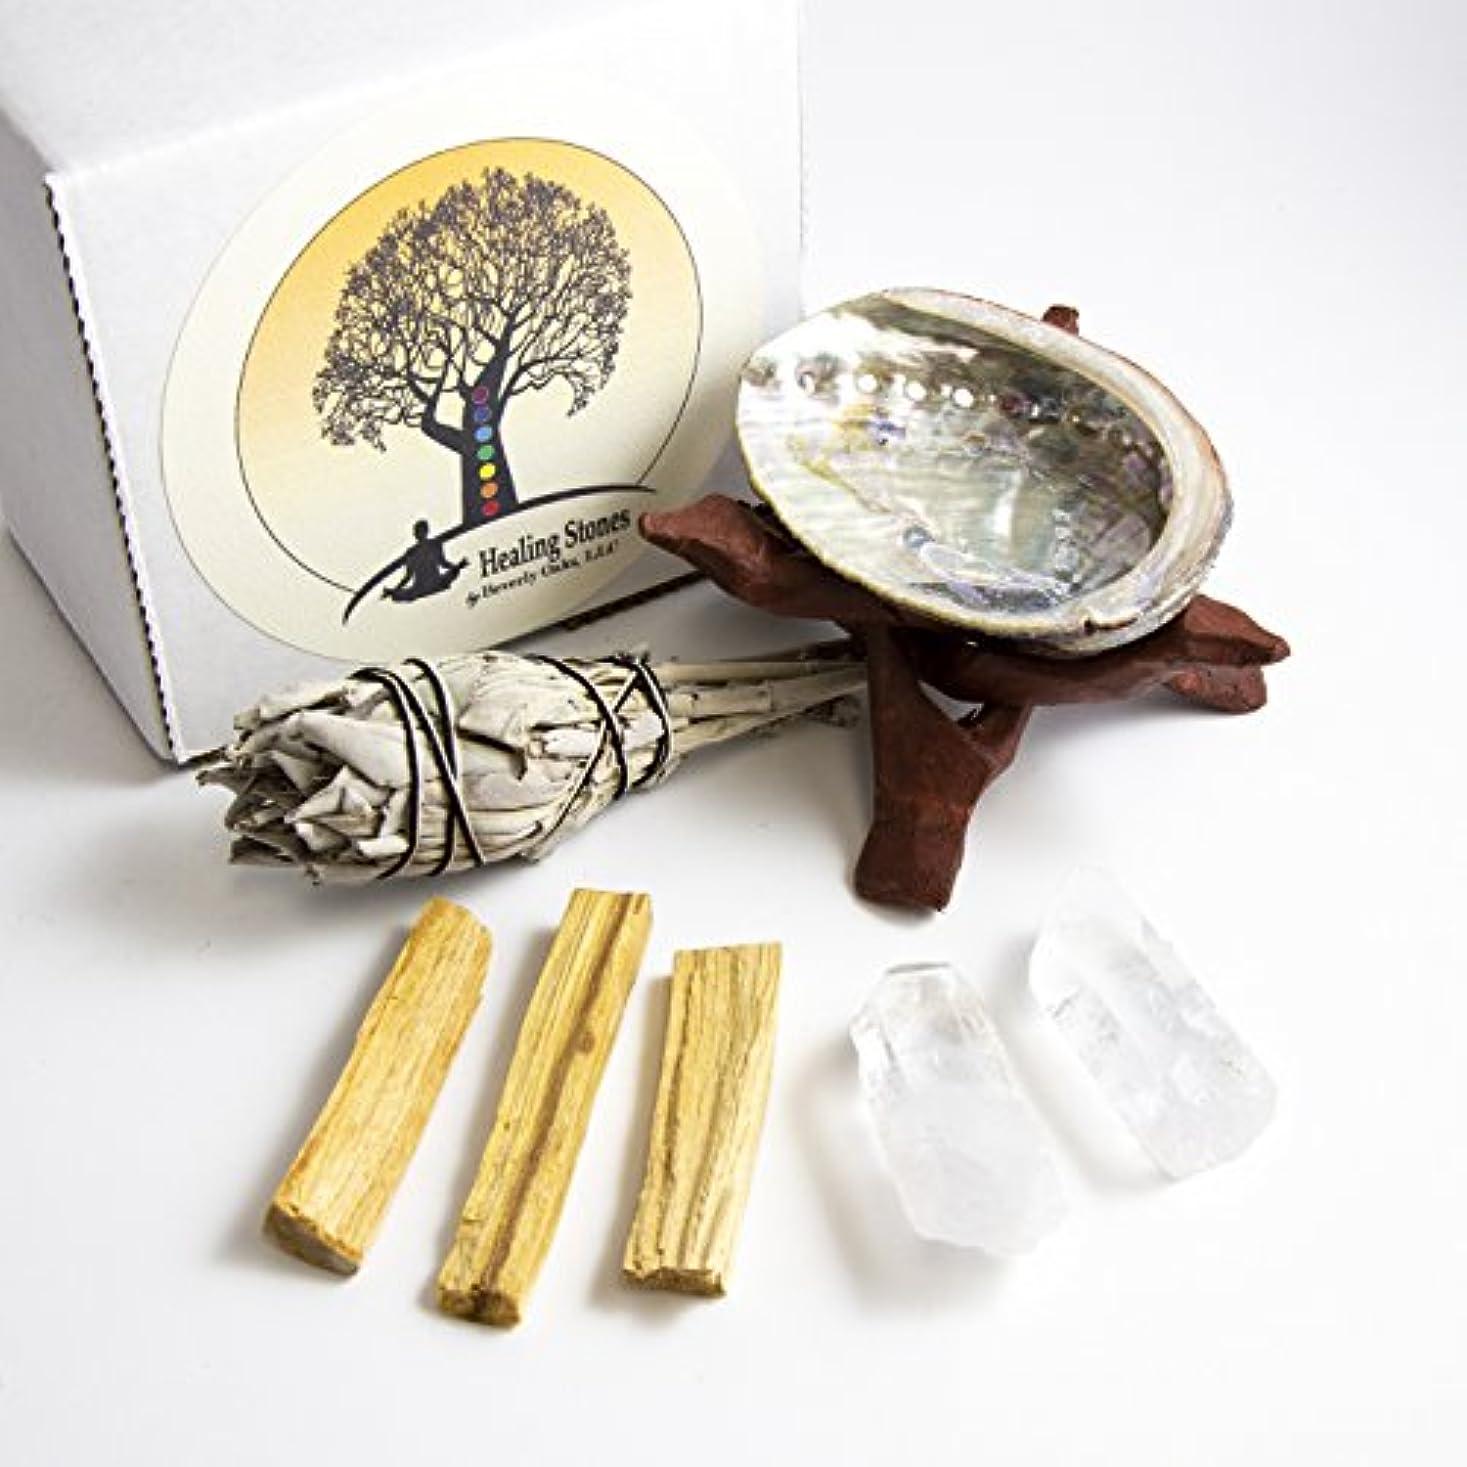 債務者マネージャー鎮静剤Beverly Oaks瞑想Ritualキット – 2 Clear Quartz Crystals , Palo Santoスティック、カリフォルニアホワイトセージスティック、アワビシェル、コブラスタンド – HealingクリスタルをRituals